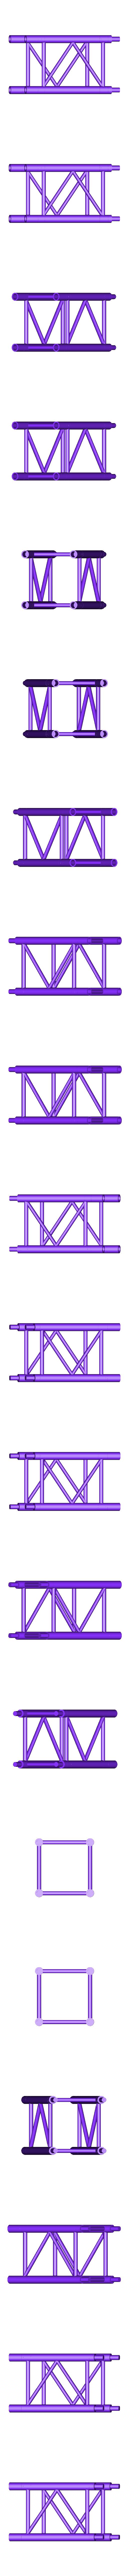 Truss 4 Punkt Traverse GWX367 Sondermaß (x1).stl Download STL file 1:18 Truss 4 Punkt Traverse Messestand ZSB1000 • Template to 3D print, CrossModellbau